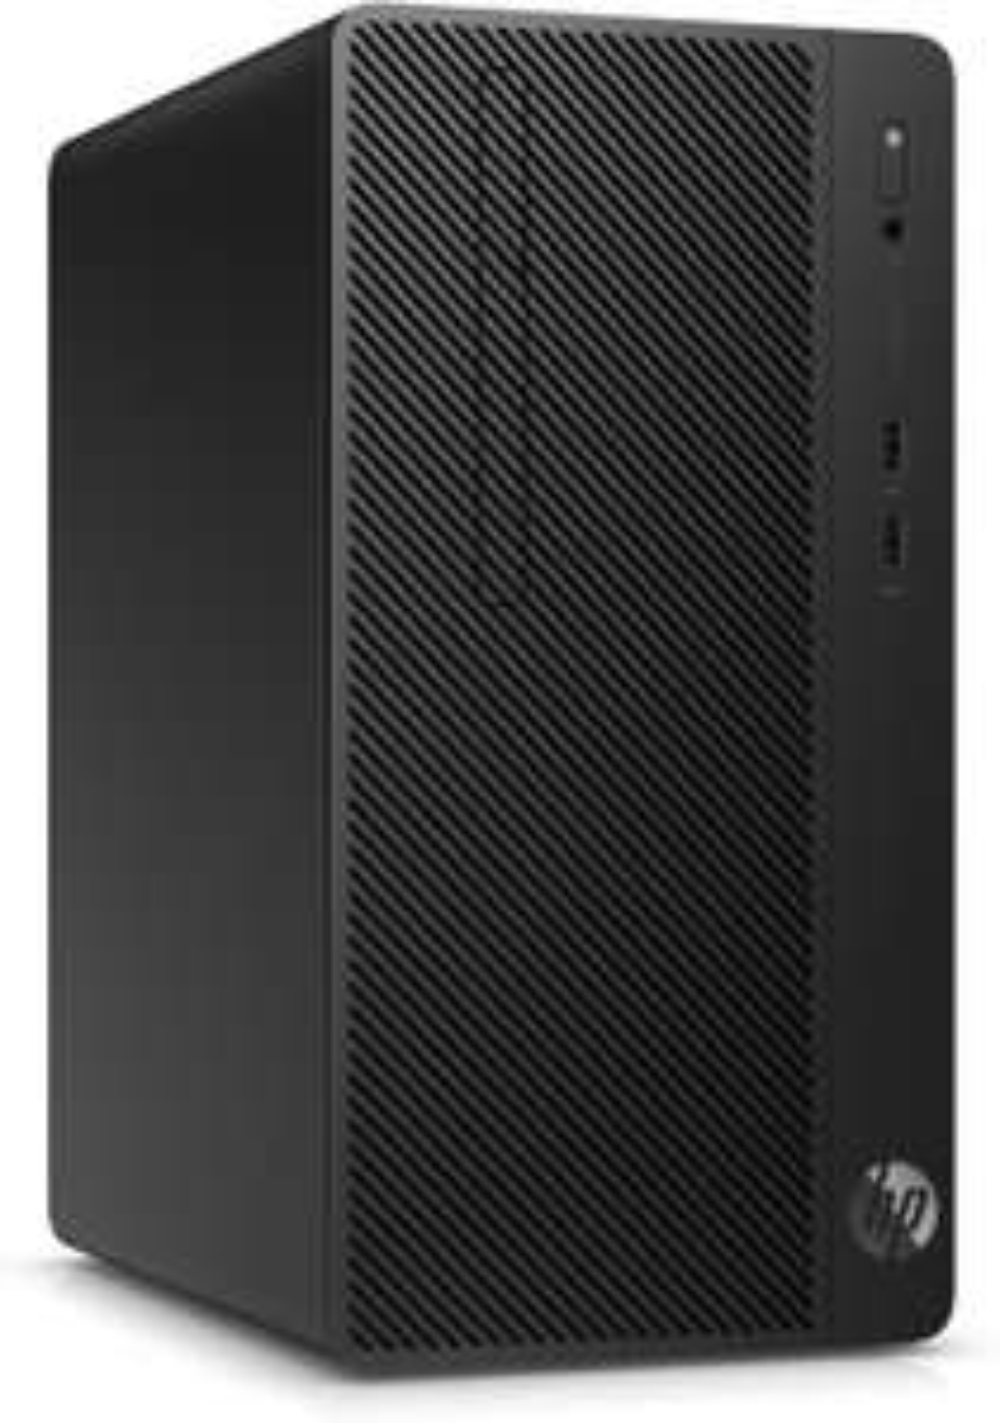 HP Micro Tower 290 G2 i5-8500U 8GB 256GB-SSD Windows10 Pro Intel UHD 630